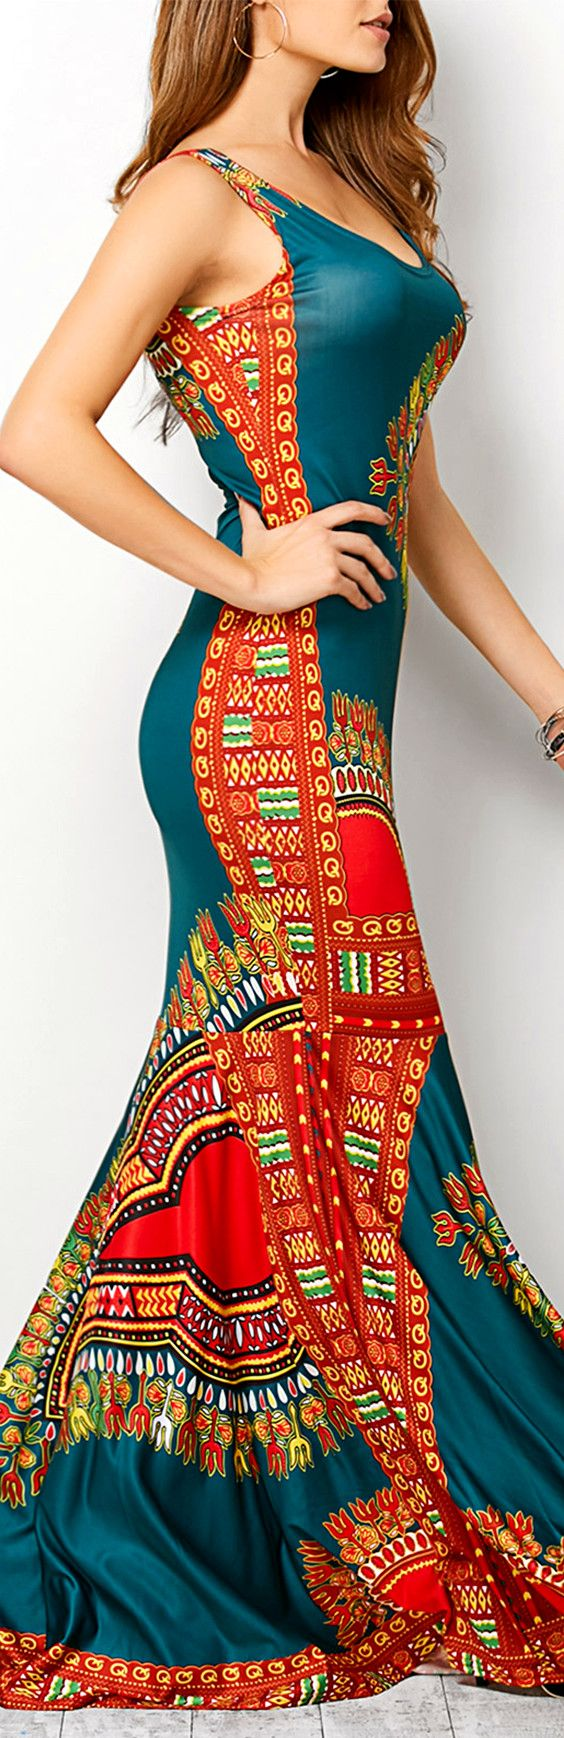 $16.76 Bohemian Tribe Print Tank Dress